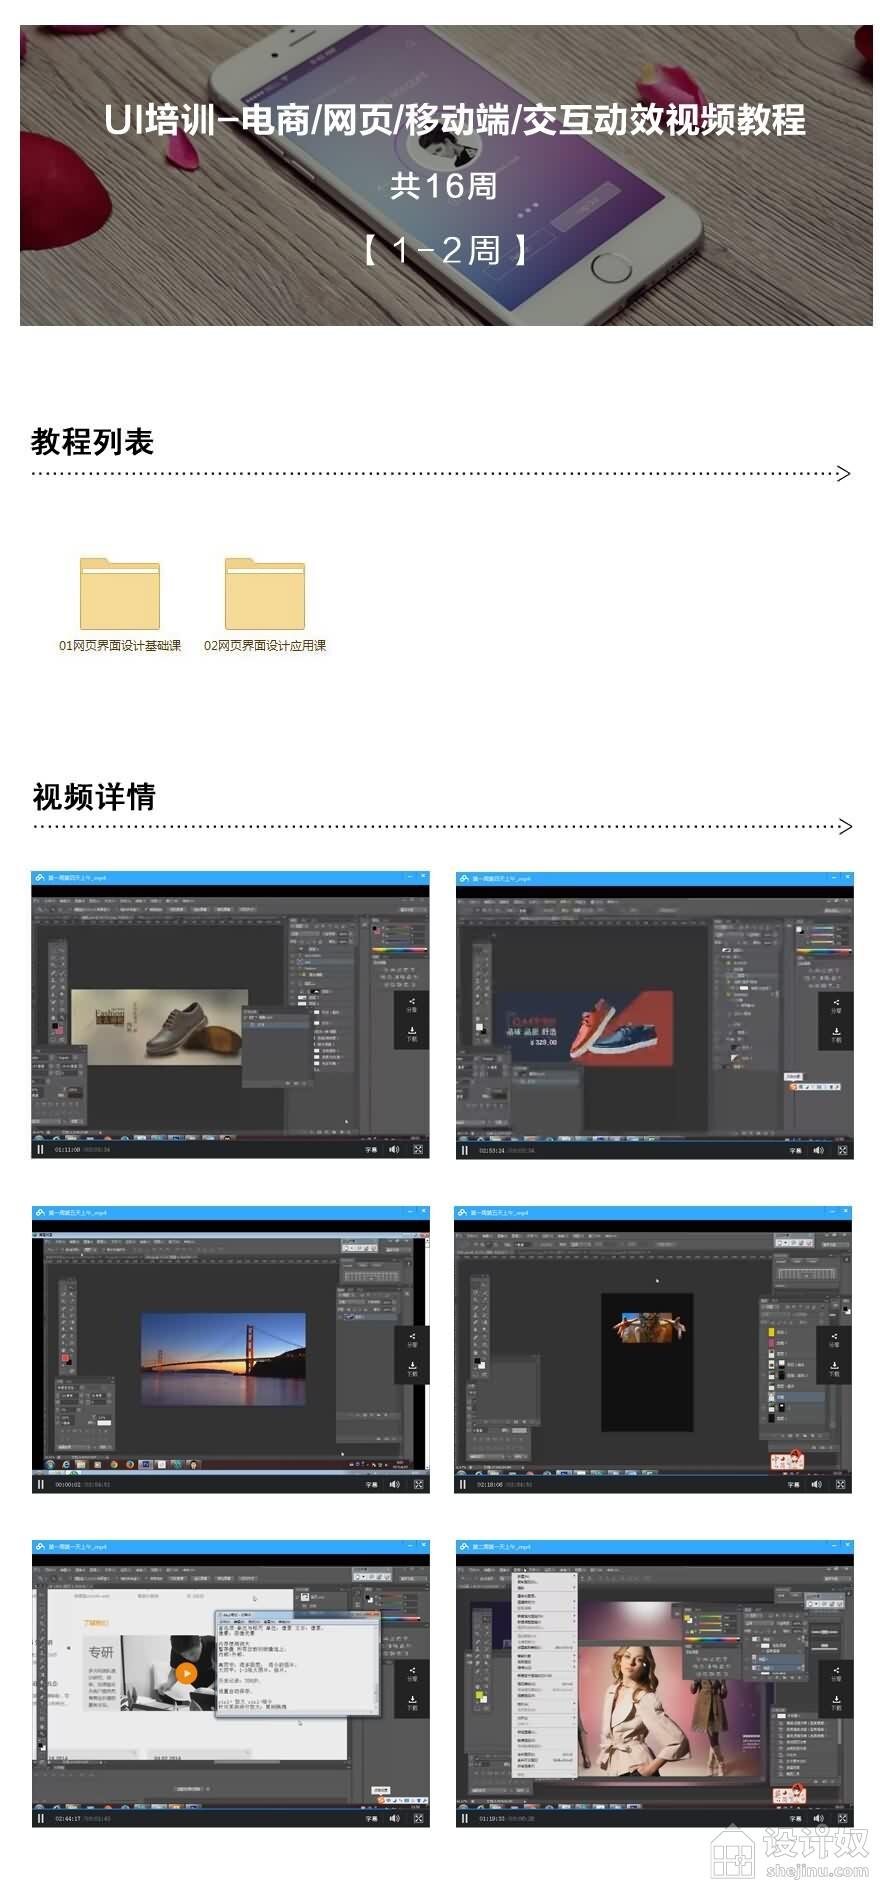 火星时代UI设计教程-电商/网页/移动端/交互动效